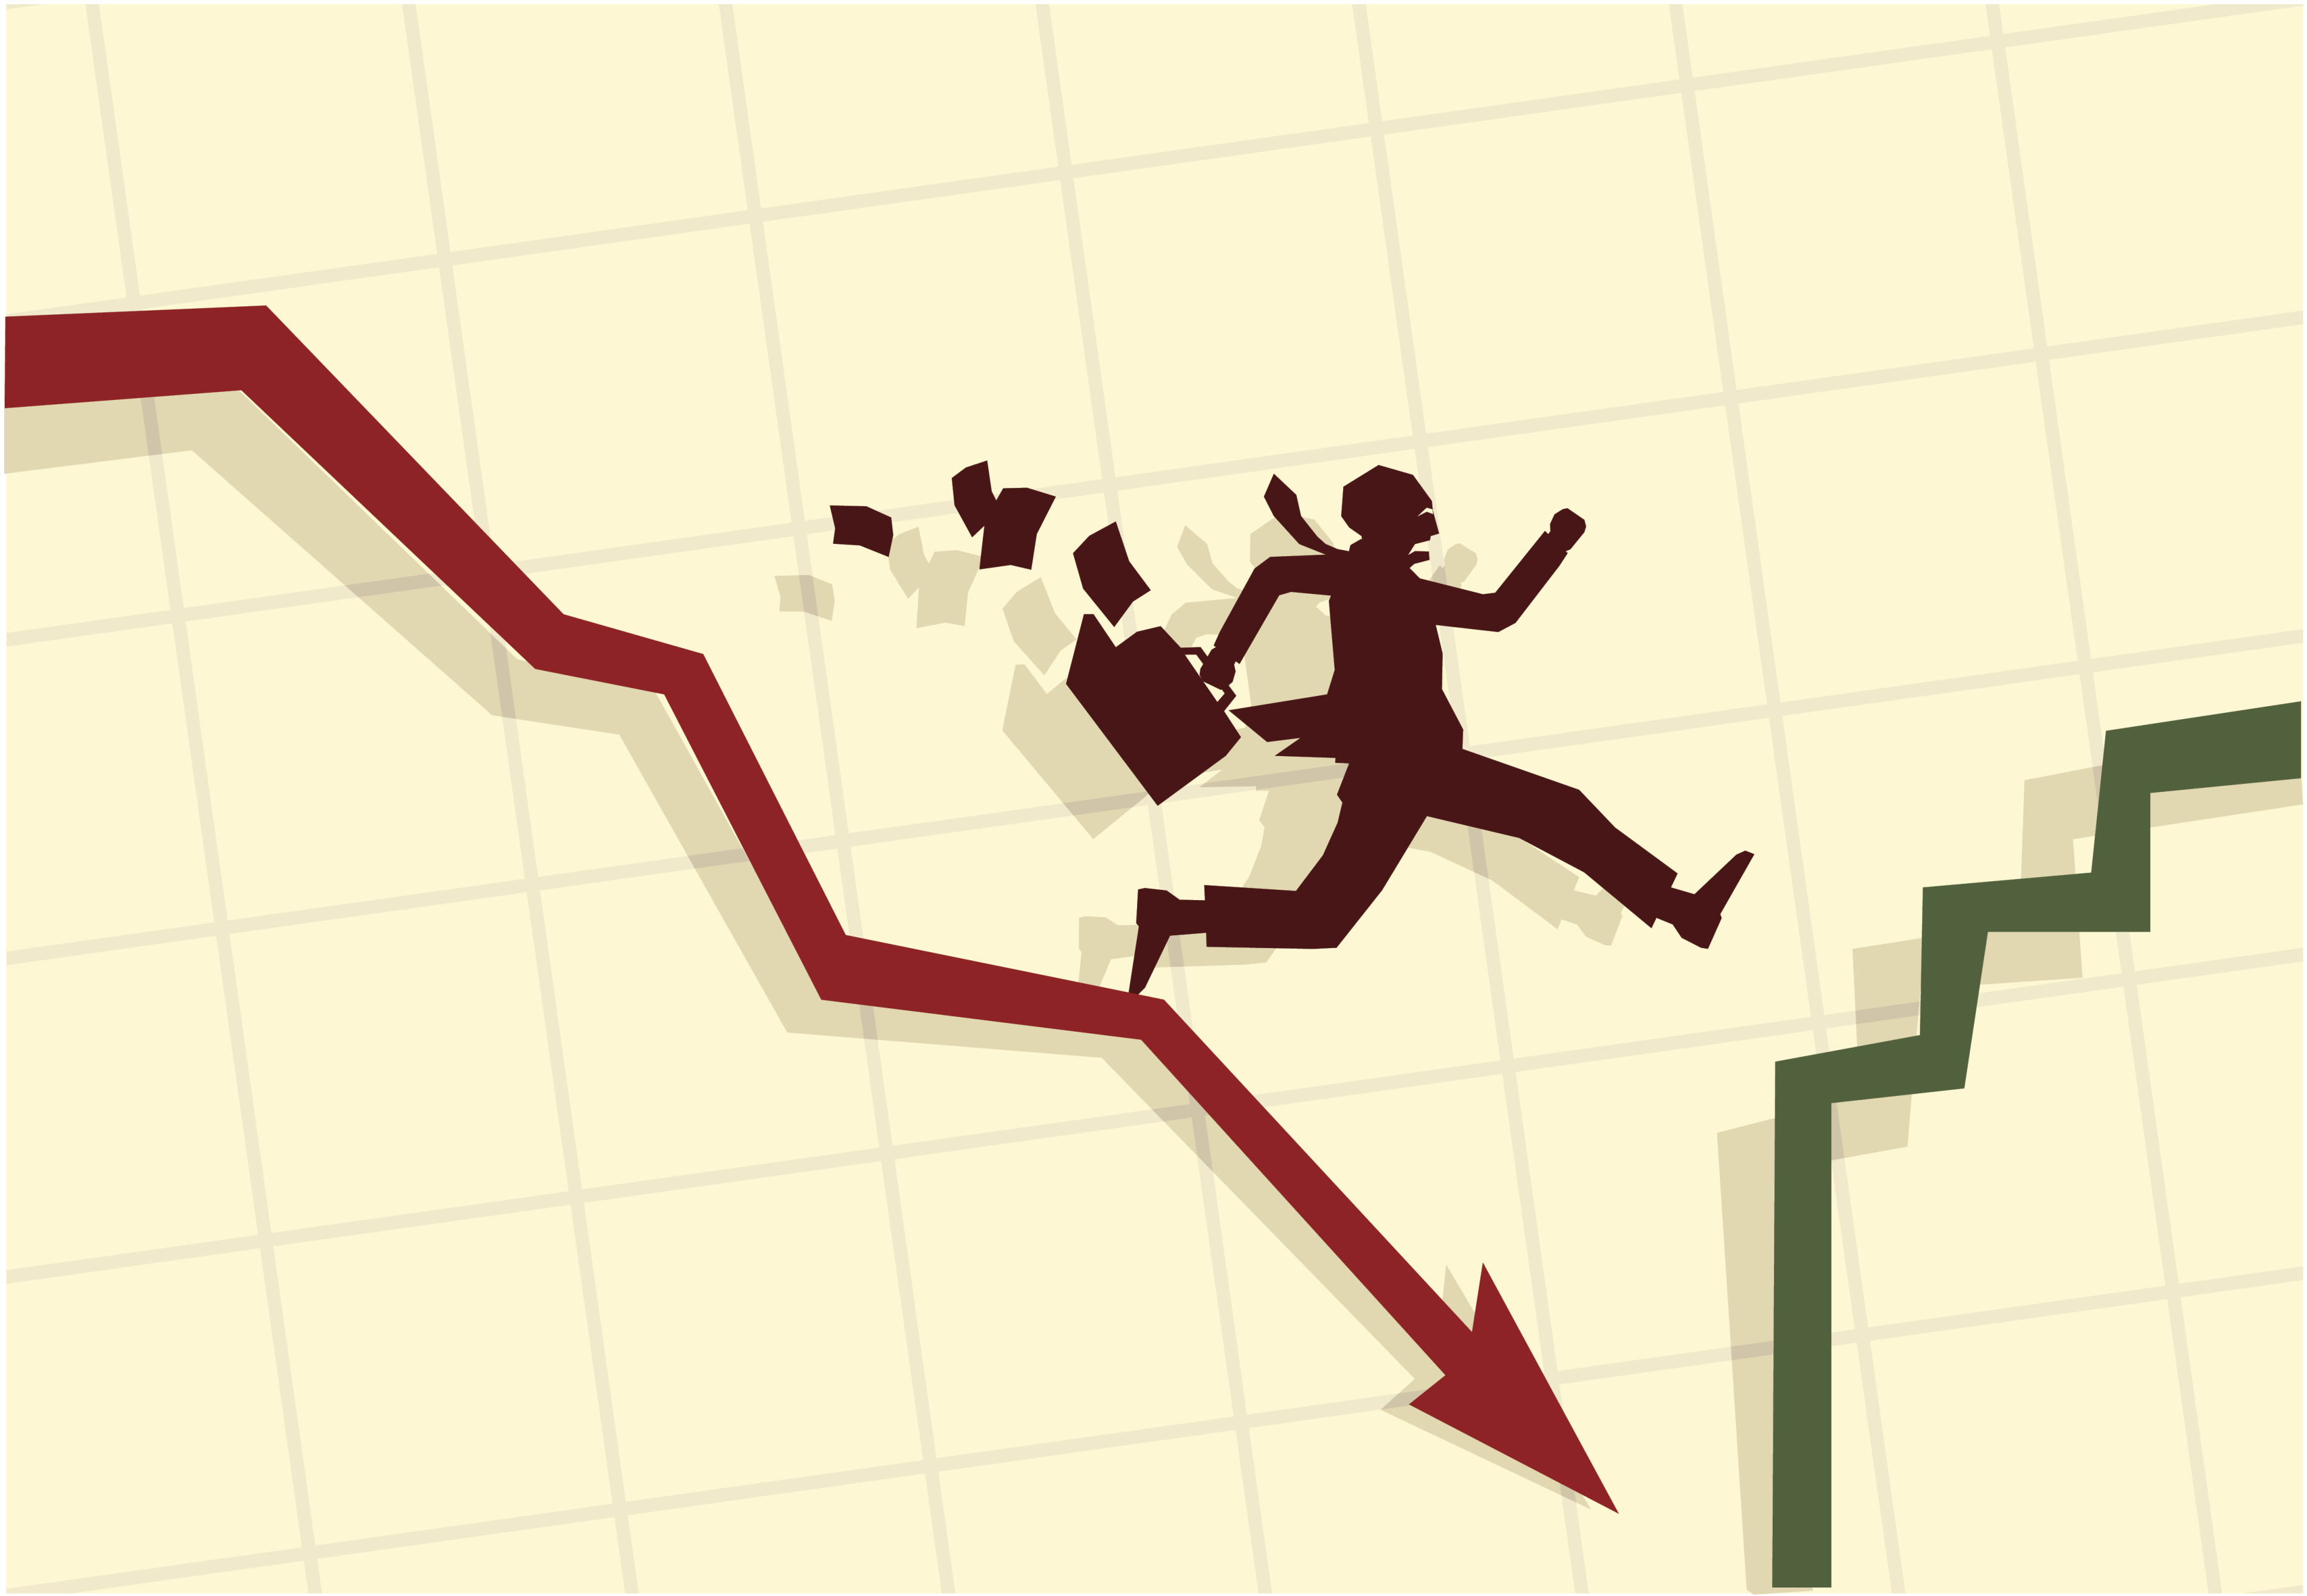 Un vent de faillites bancaires souffle en Europe - Egalite ...